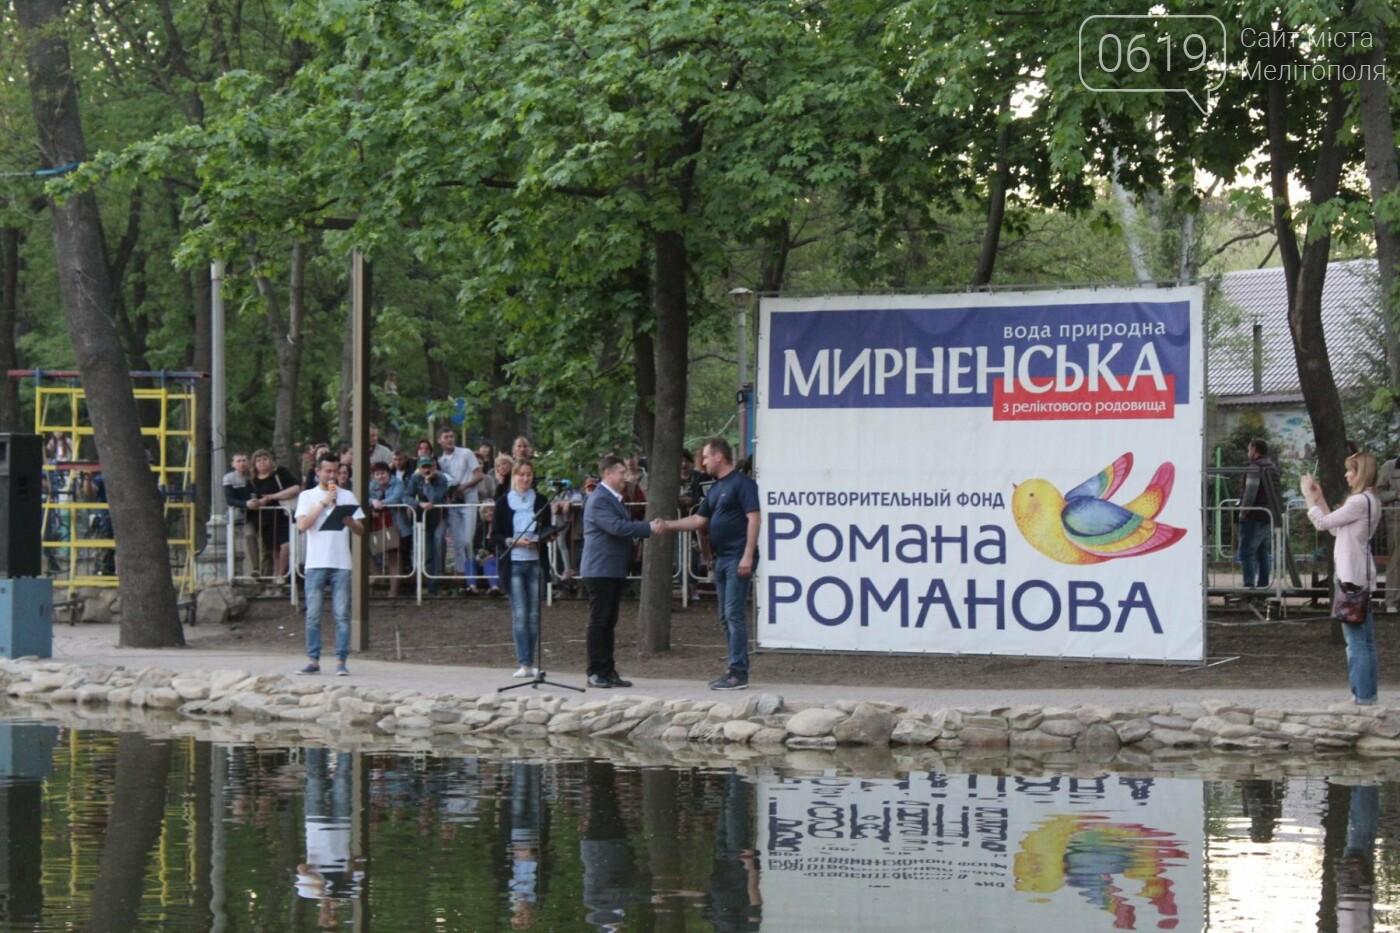 На торжественное открытие пруда в мелитопольском парке собрались сотни горожан, фото-3